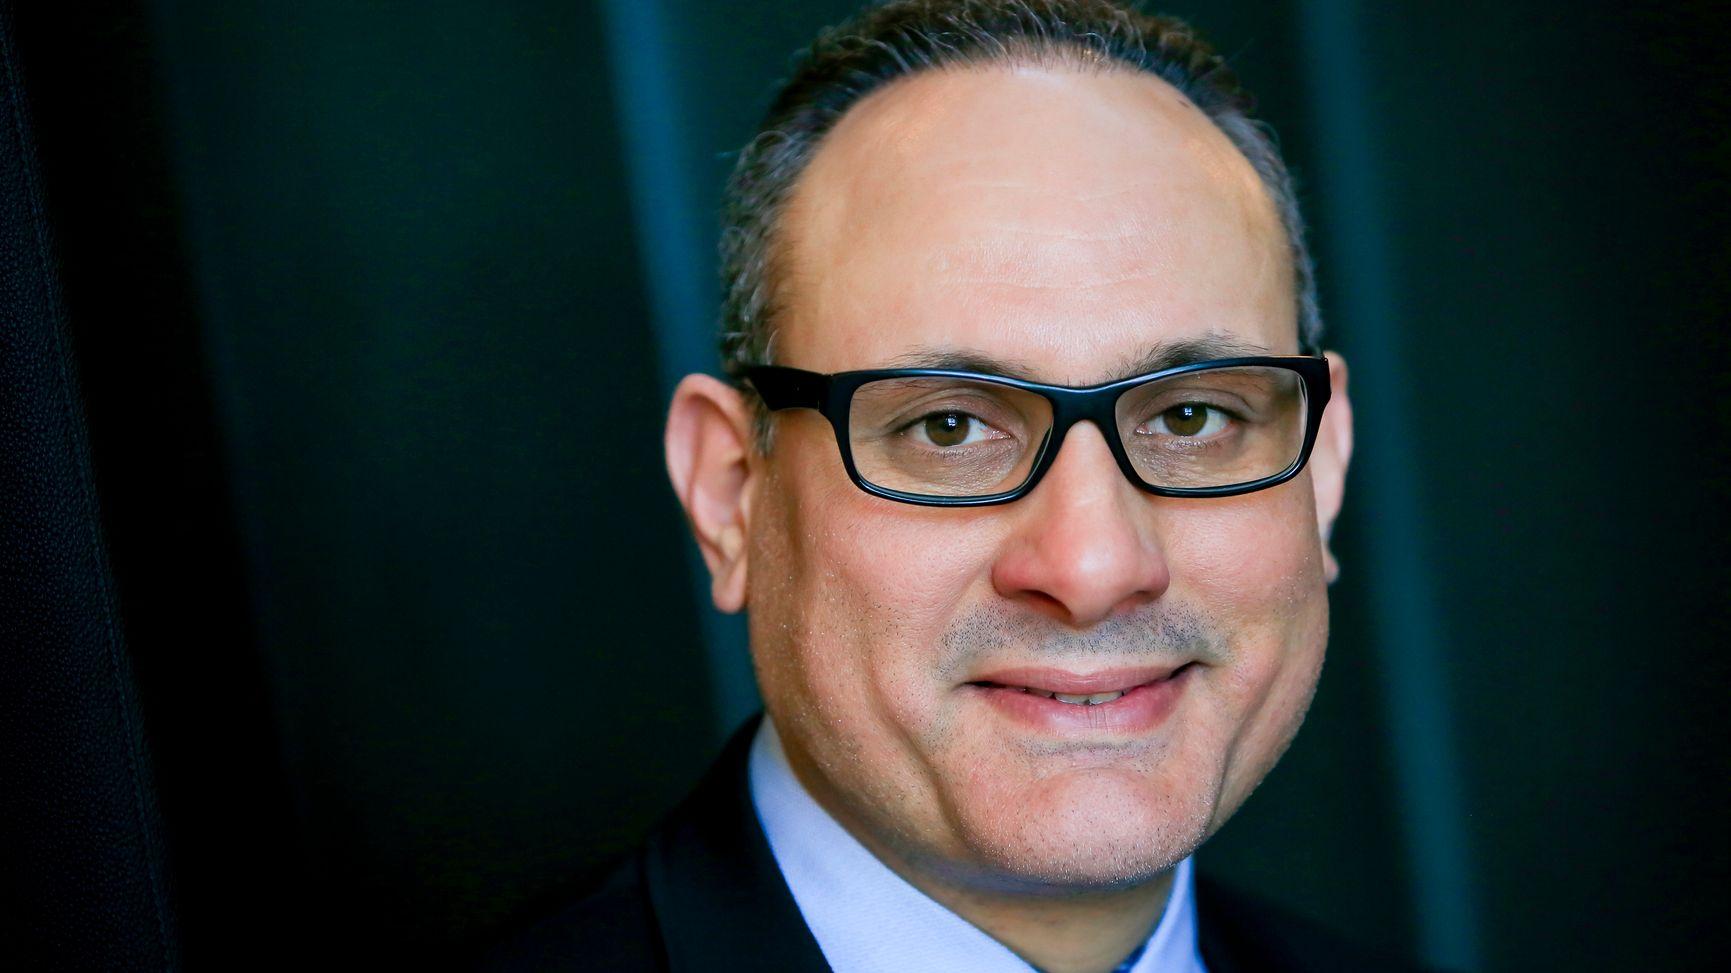 Europapolitiker Ismail Ertug kandidiert für die SPD